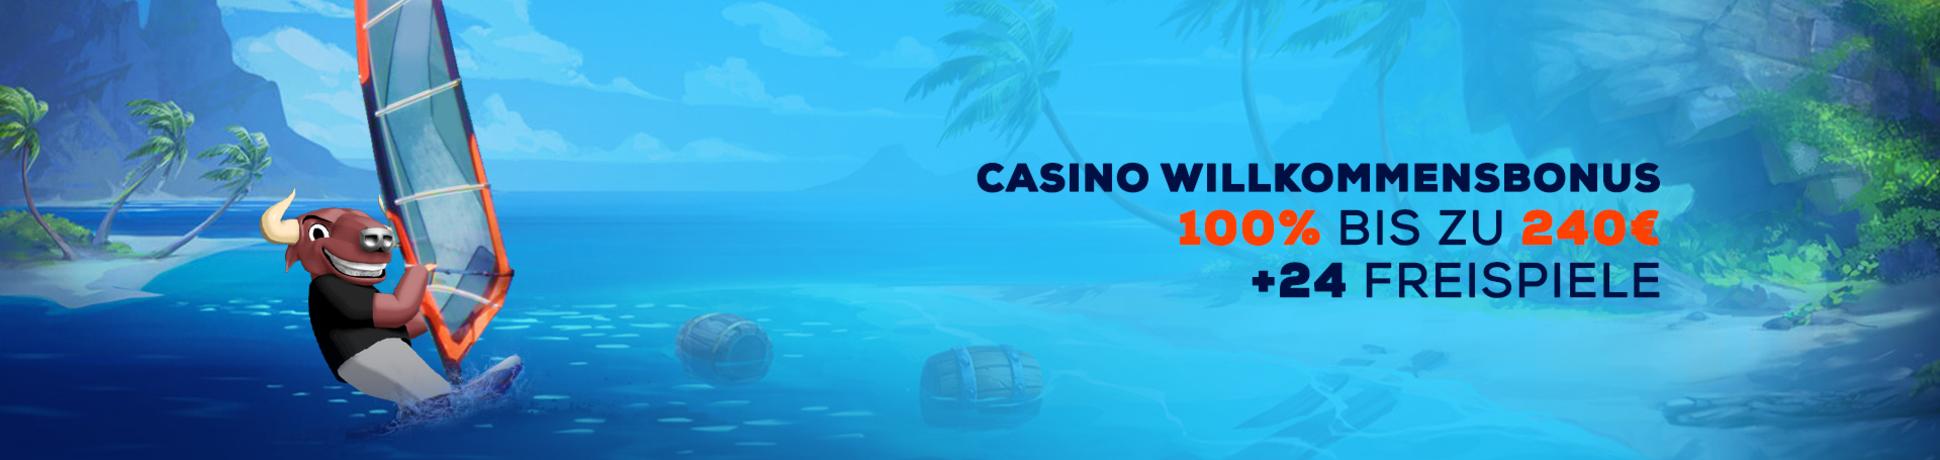 Hast Du schon vom Casino Willkommensbonus gehört?!